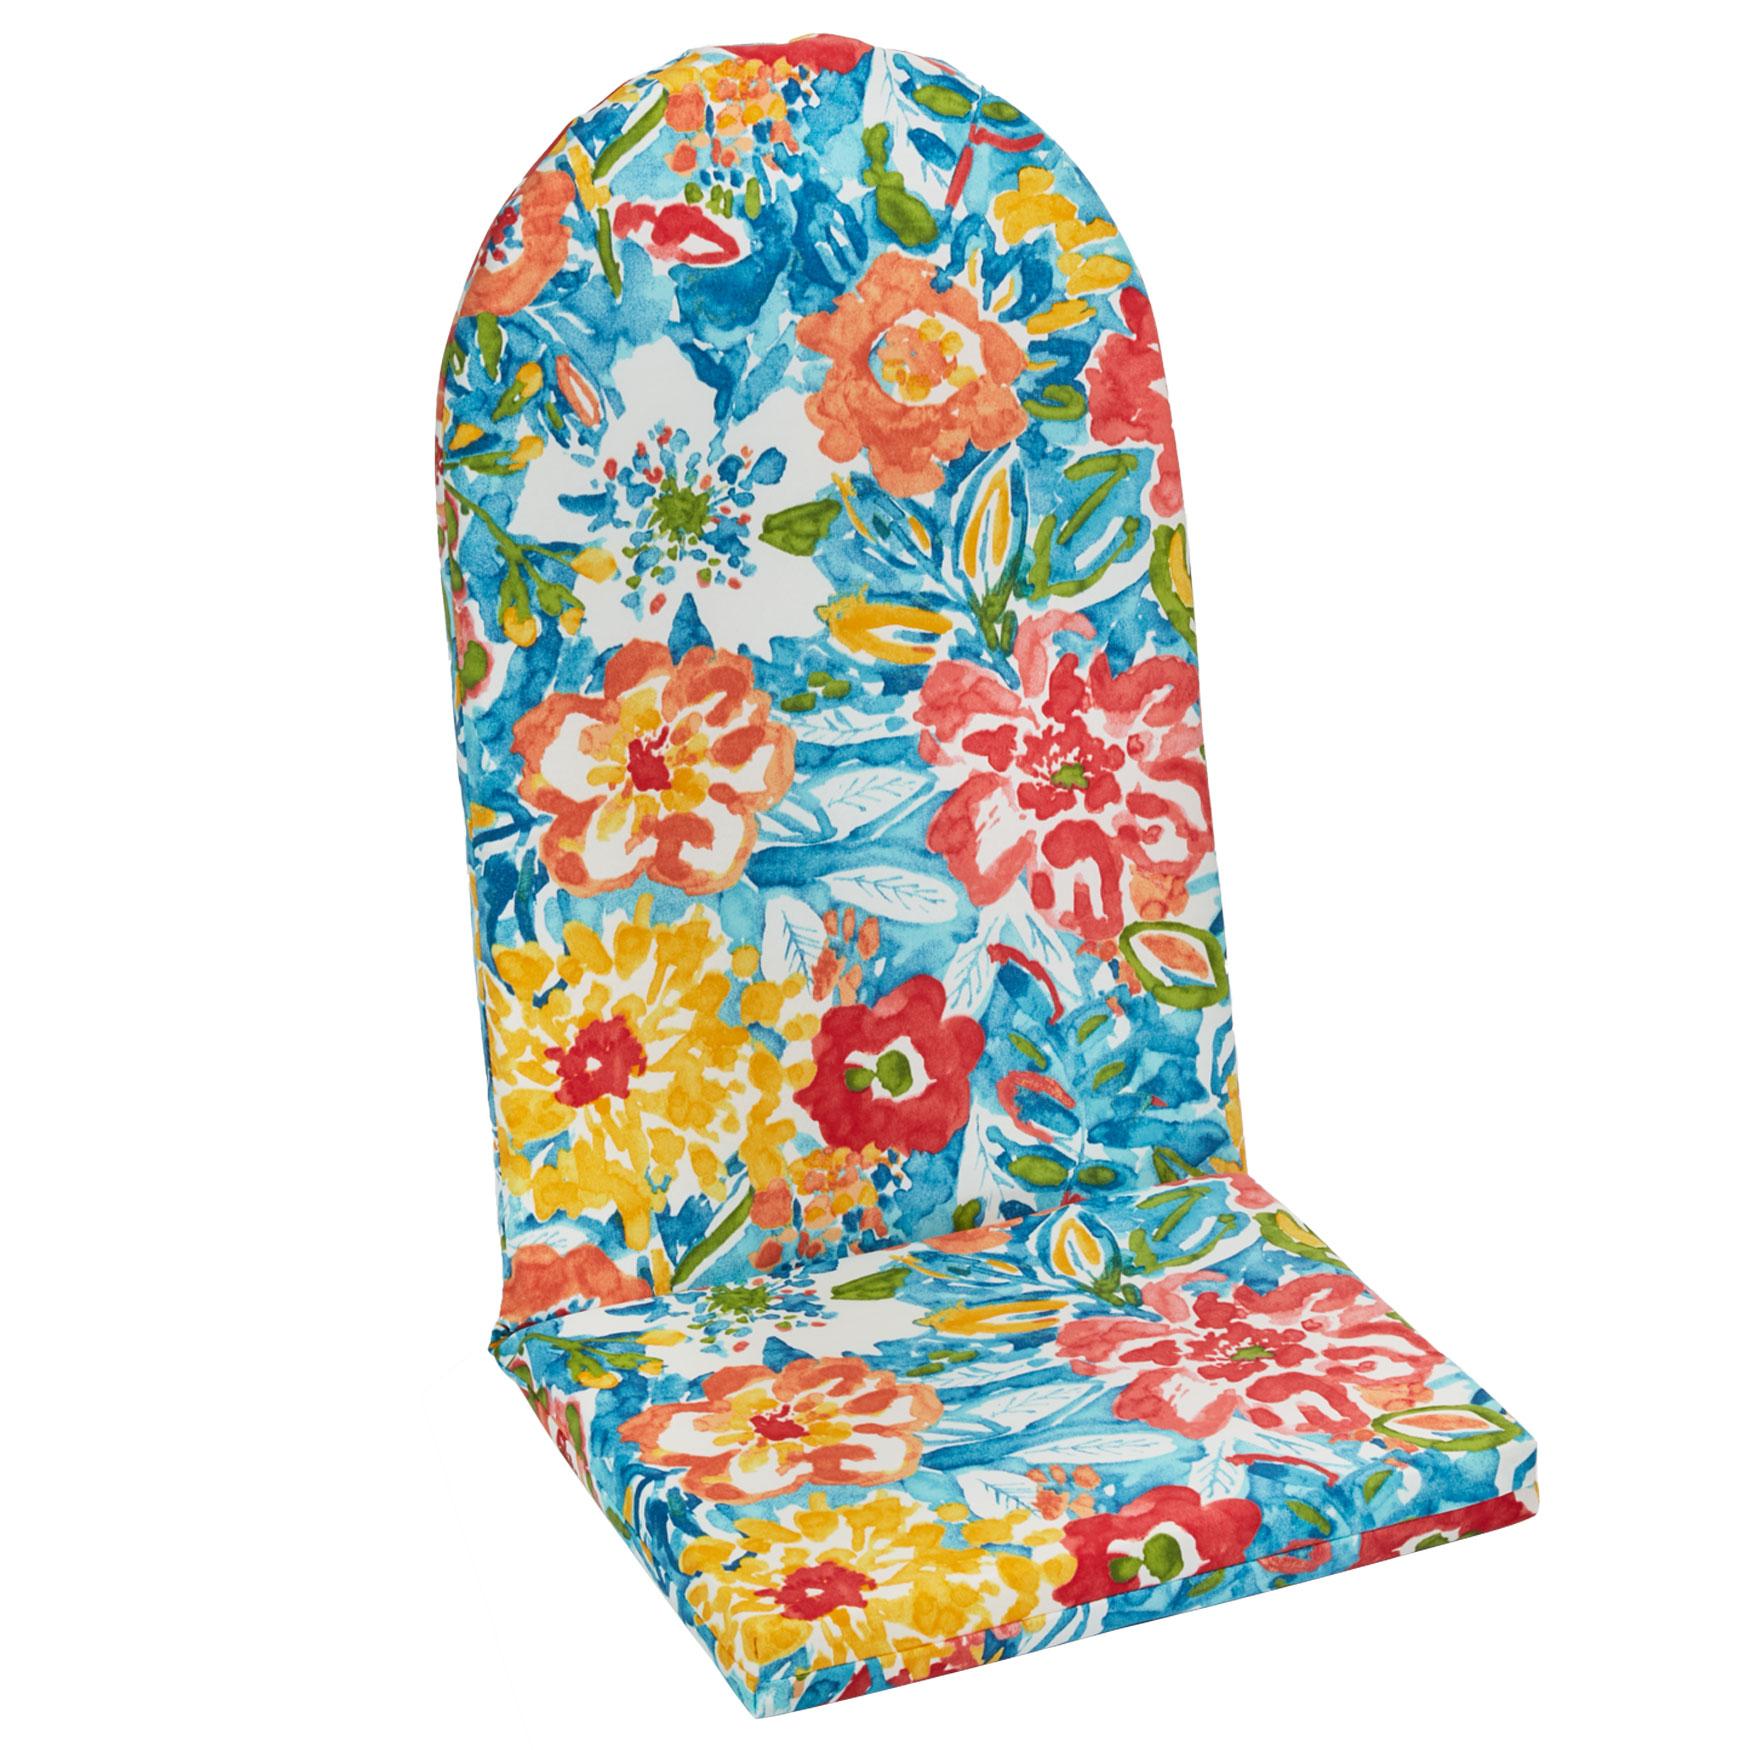 Adirondack Chair Cushion Outdoor Cushions  Pillows